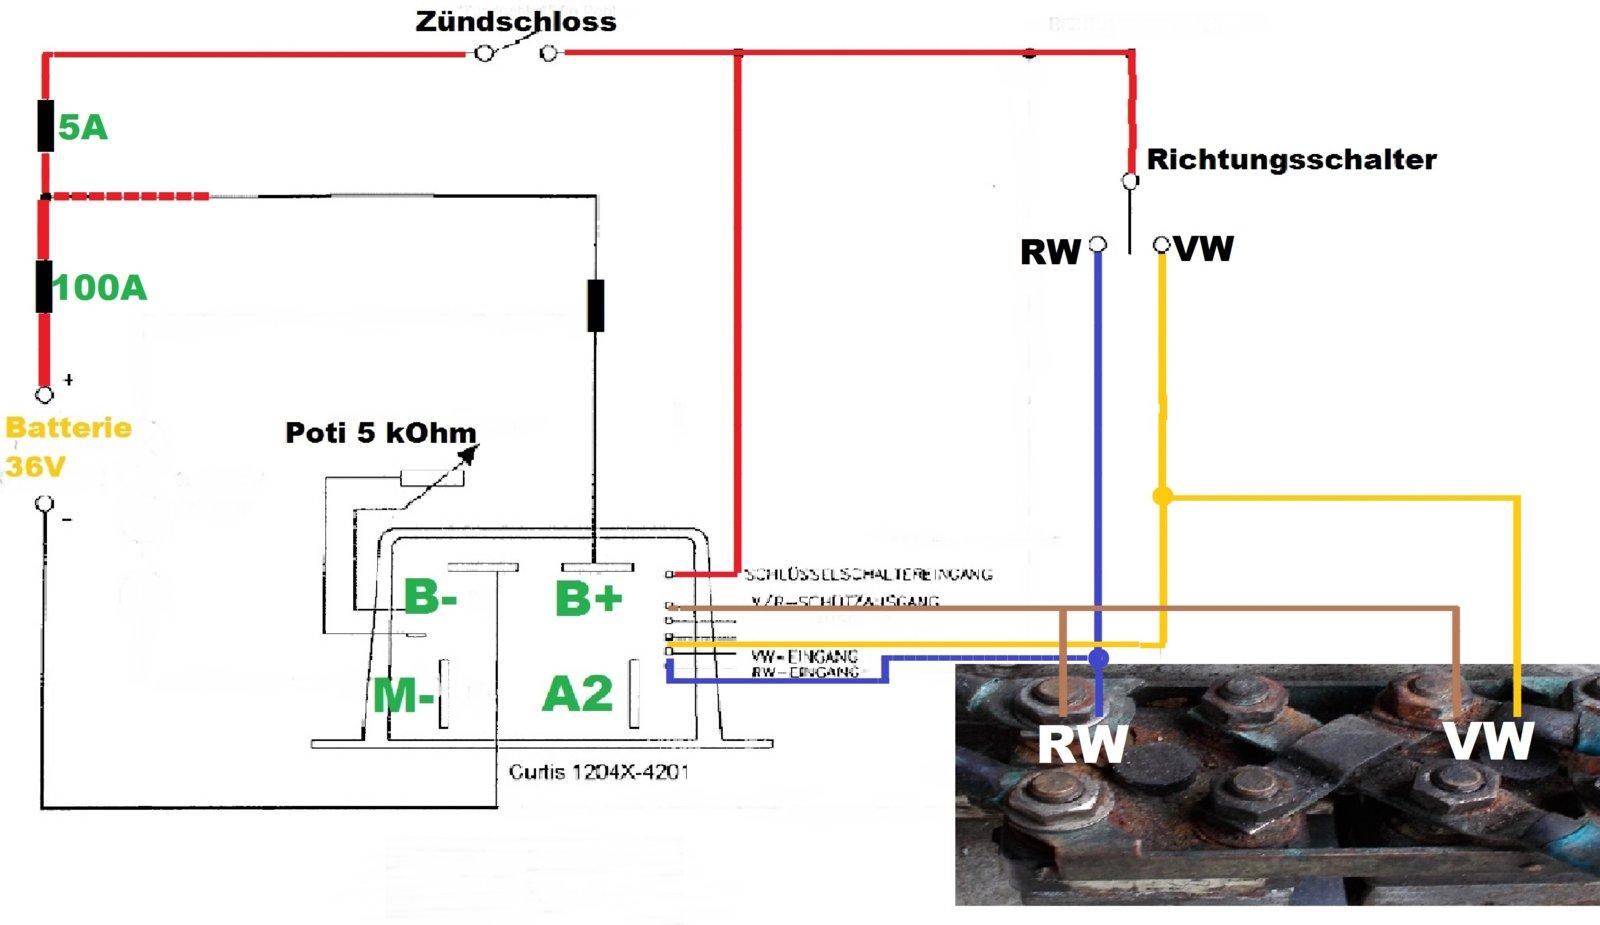 schaltplan-steuerung-jpg.3223